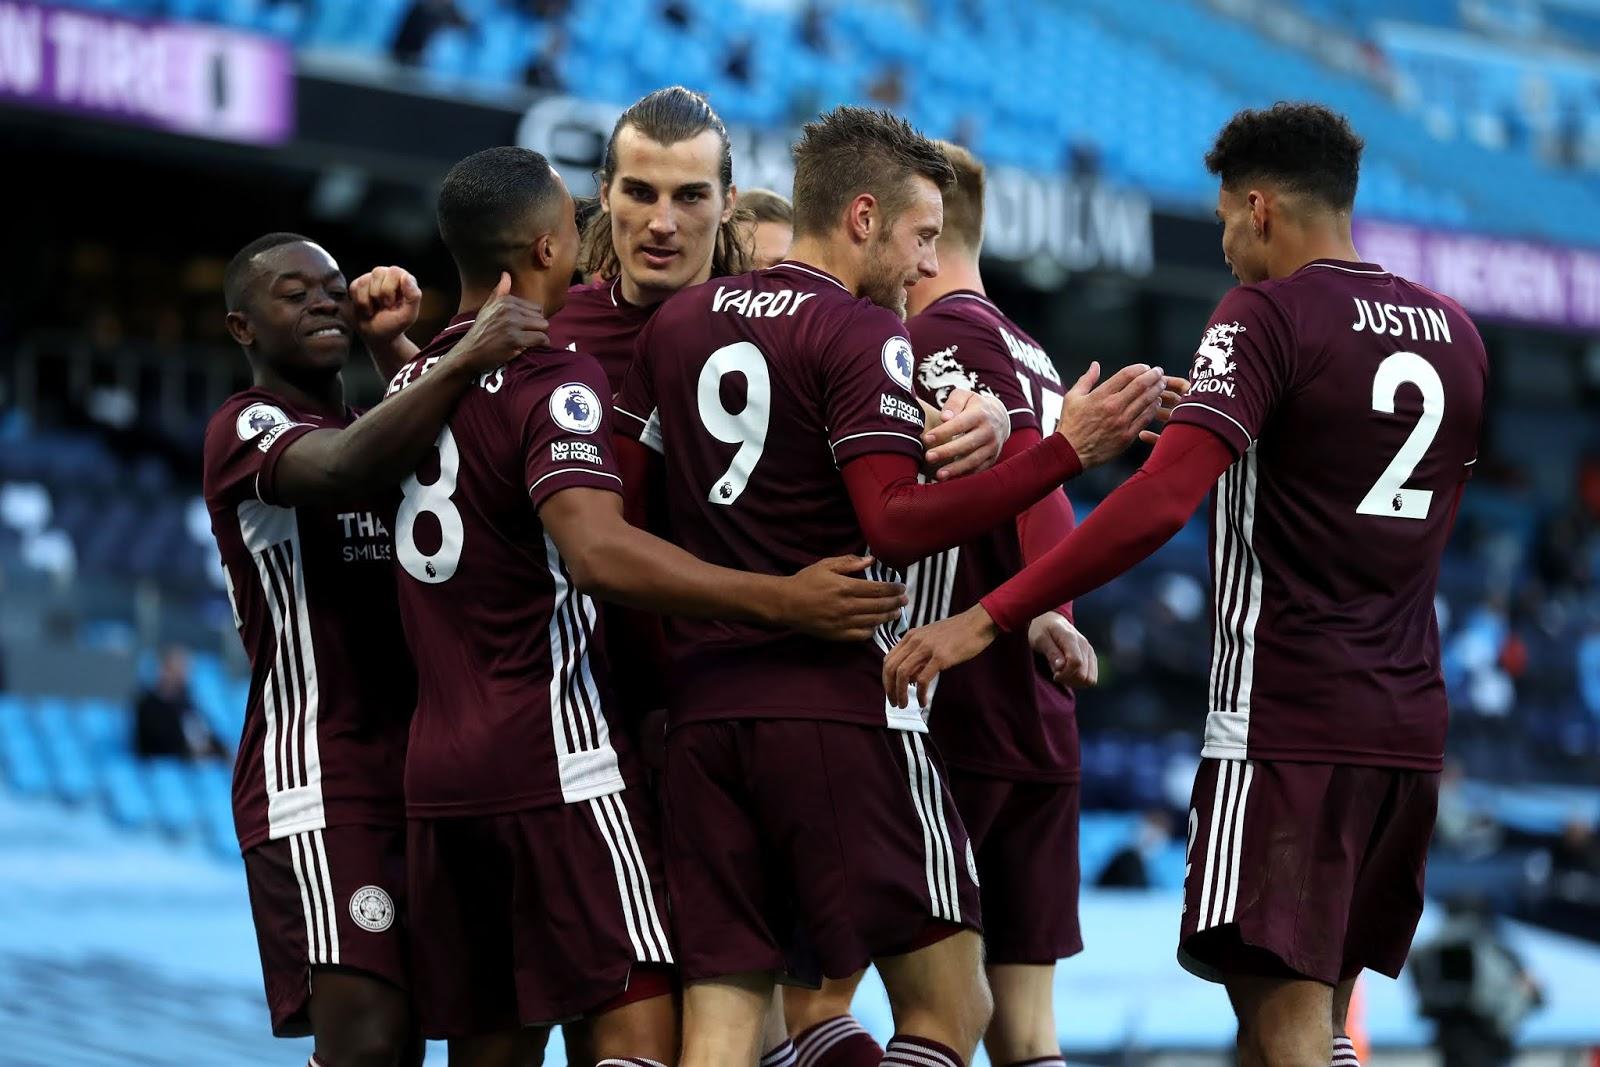 Con tres goles de Jamie Vardy, Leicester dio el golpe ante Manchester City